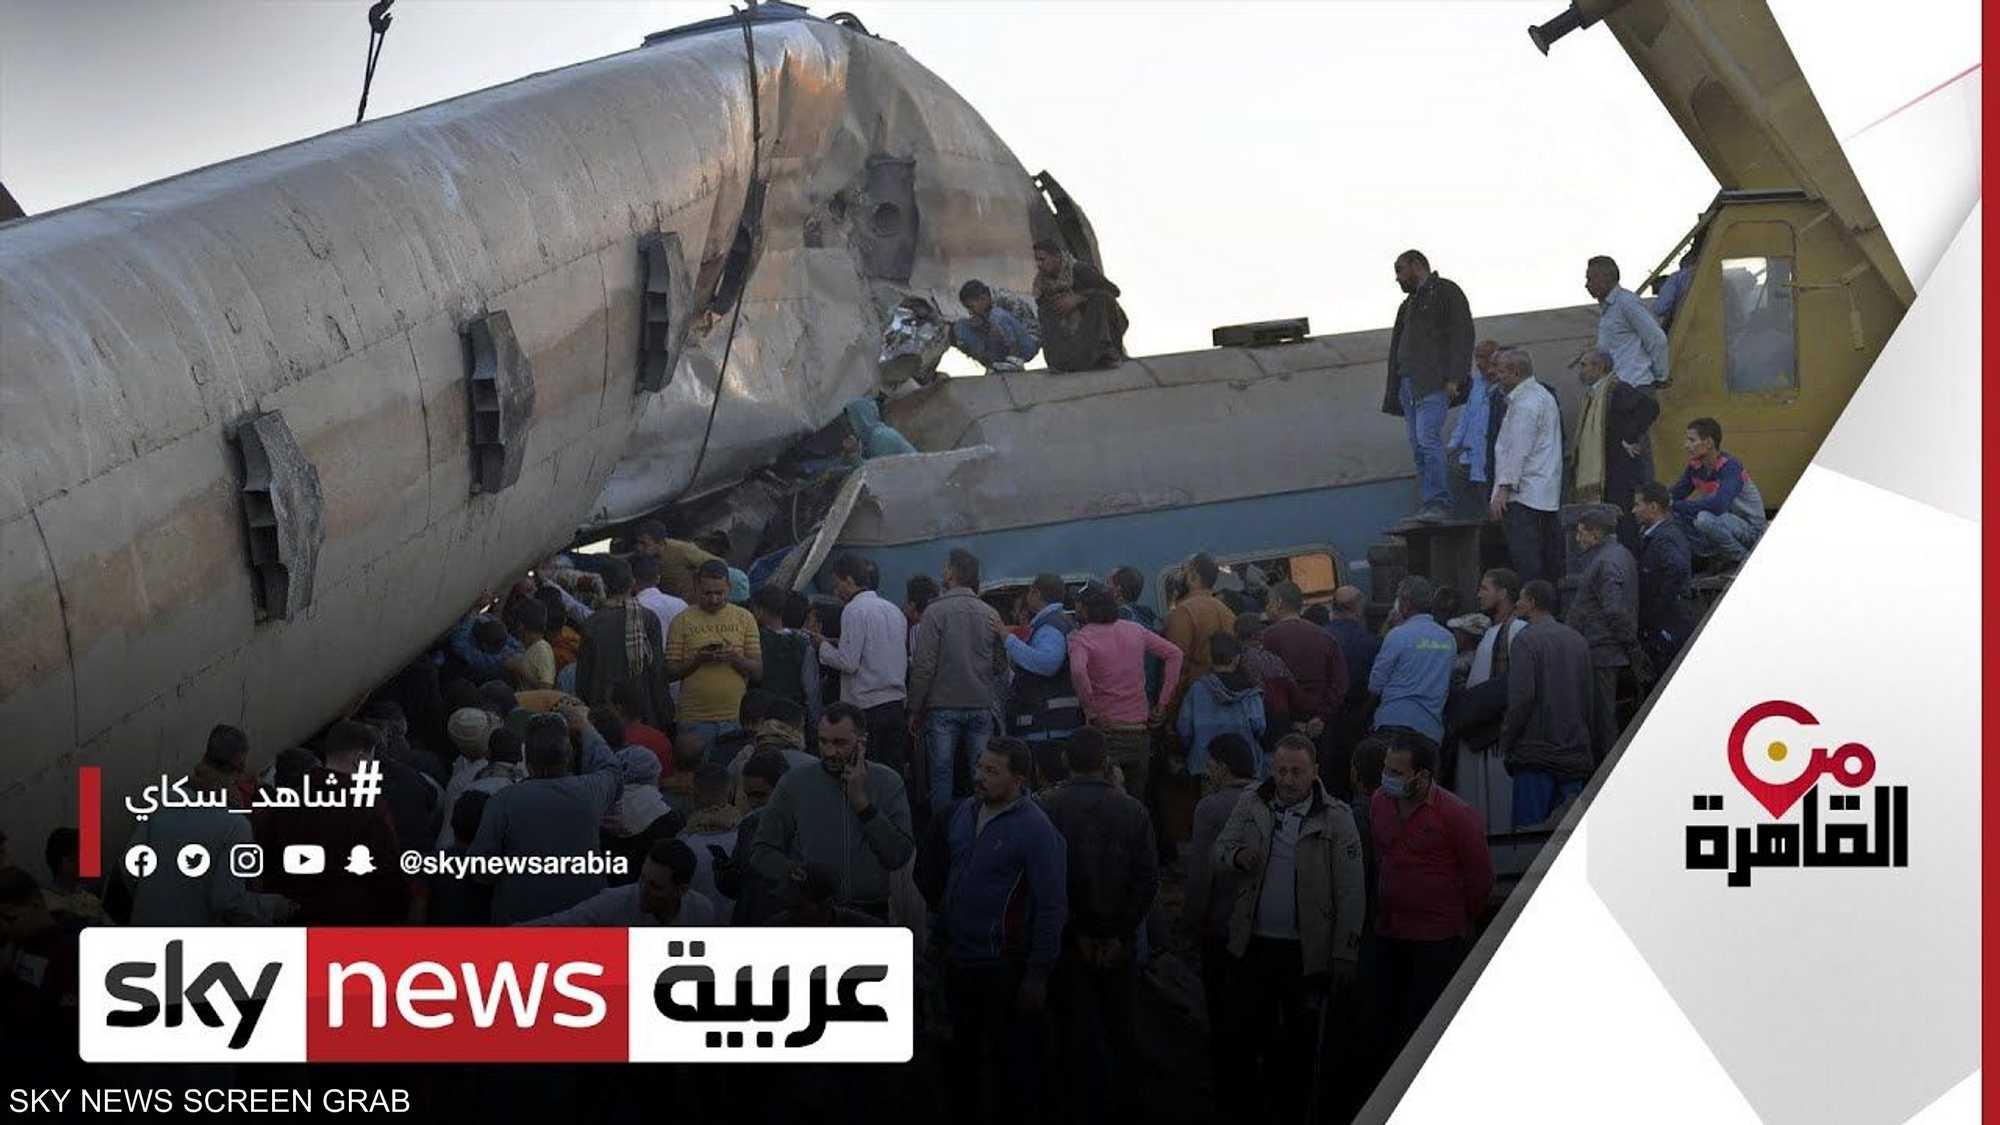 حوادث القطارات تعود إلى الواجهة في مصر